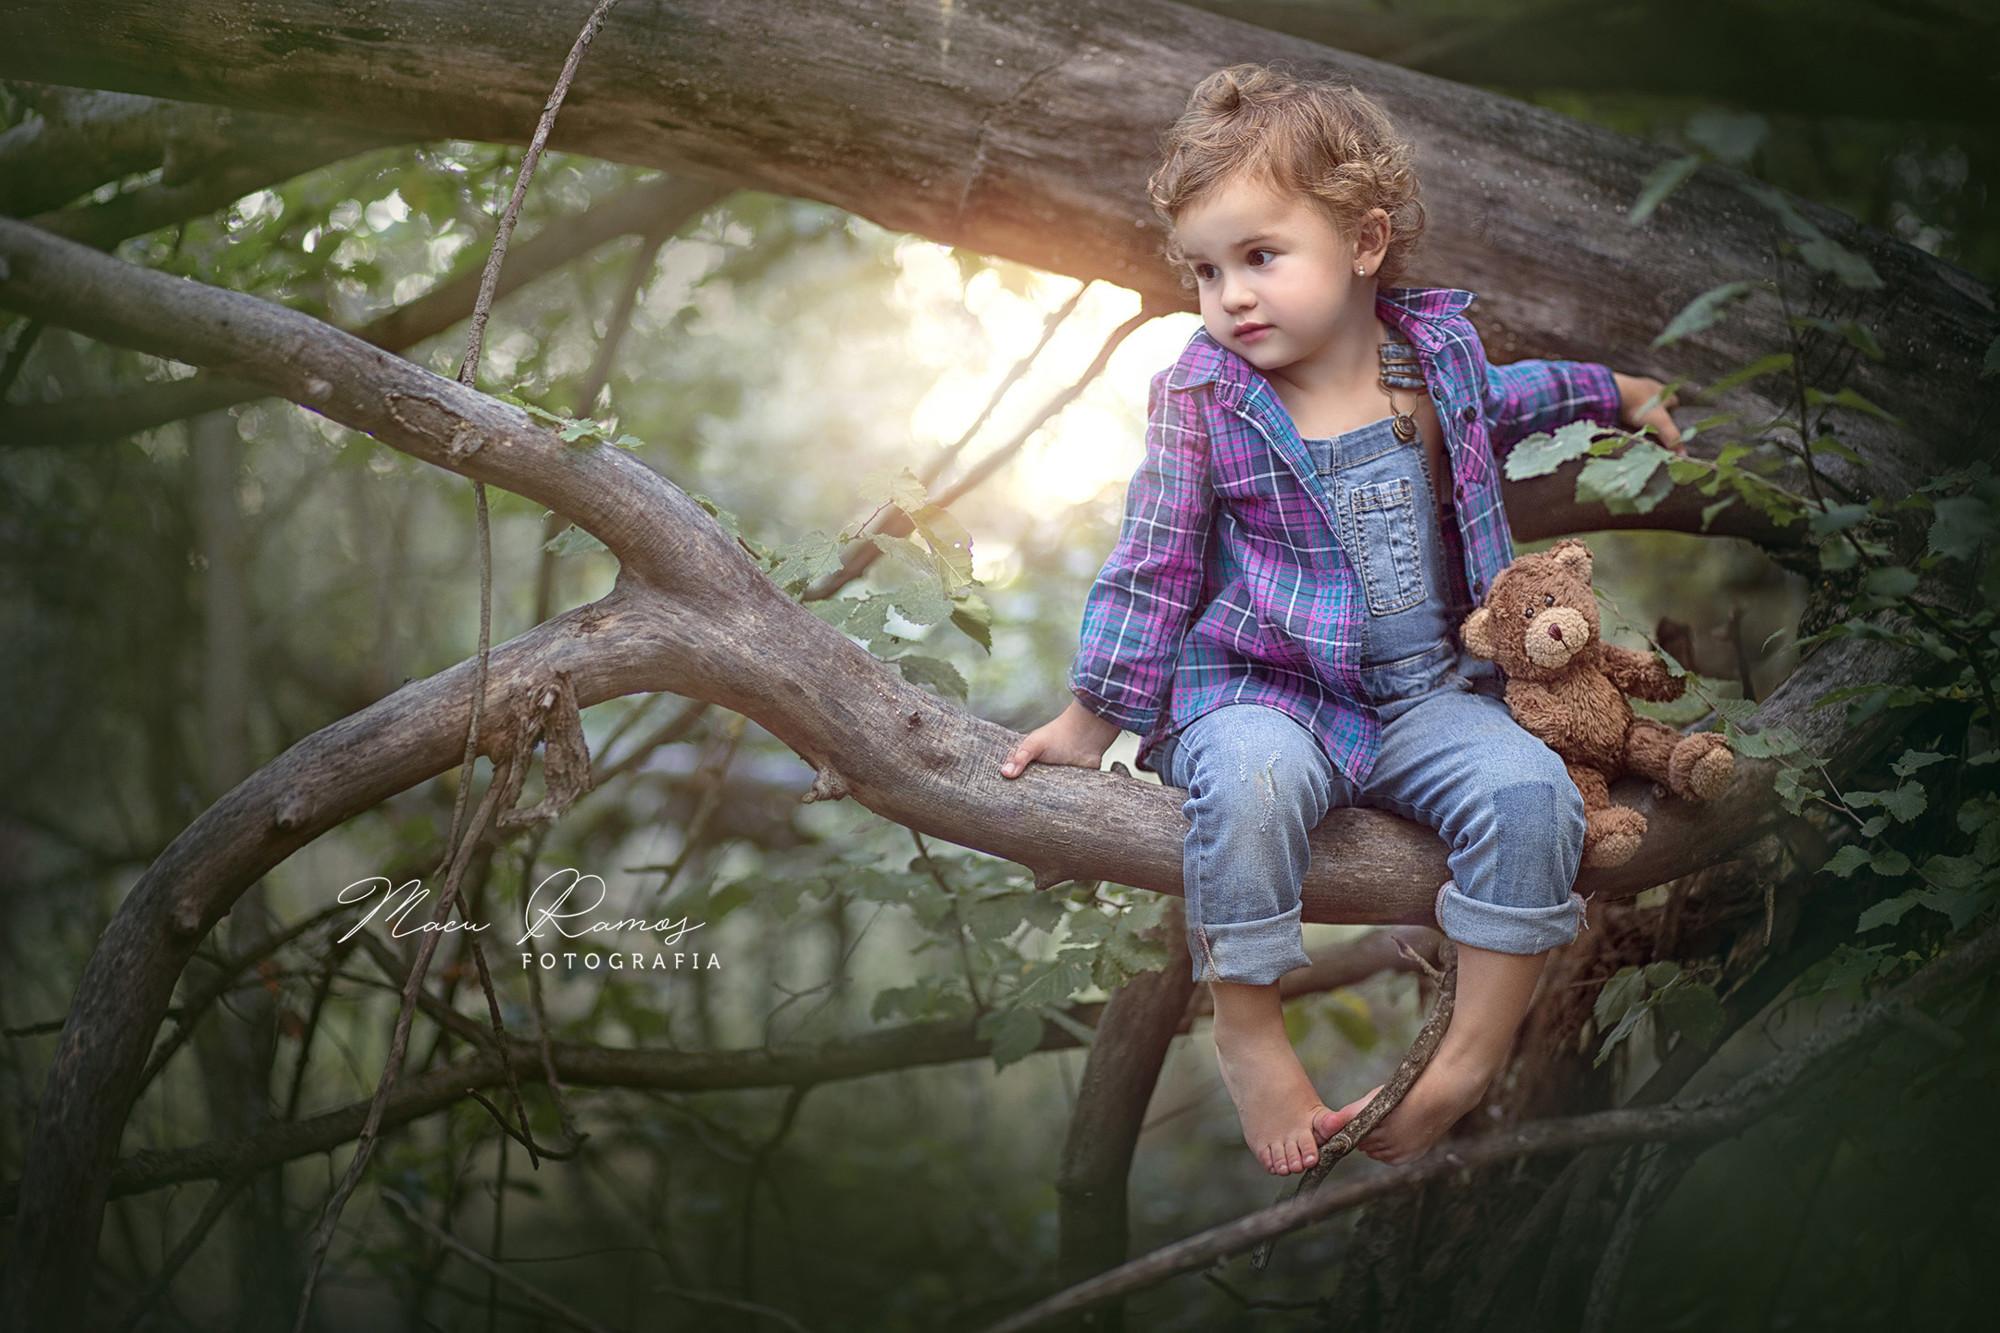 fotografo de niños en requena12